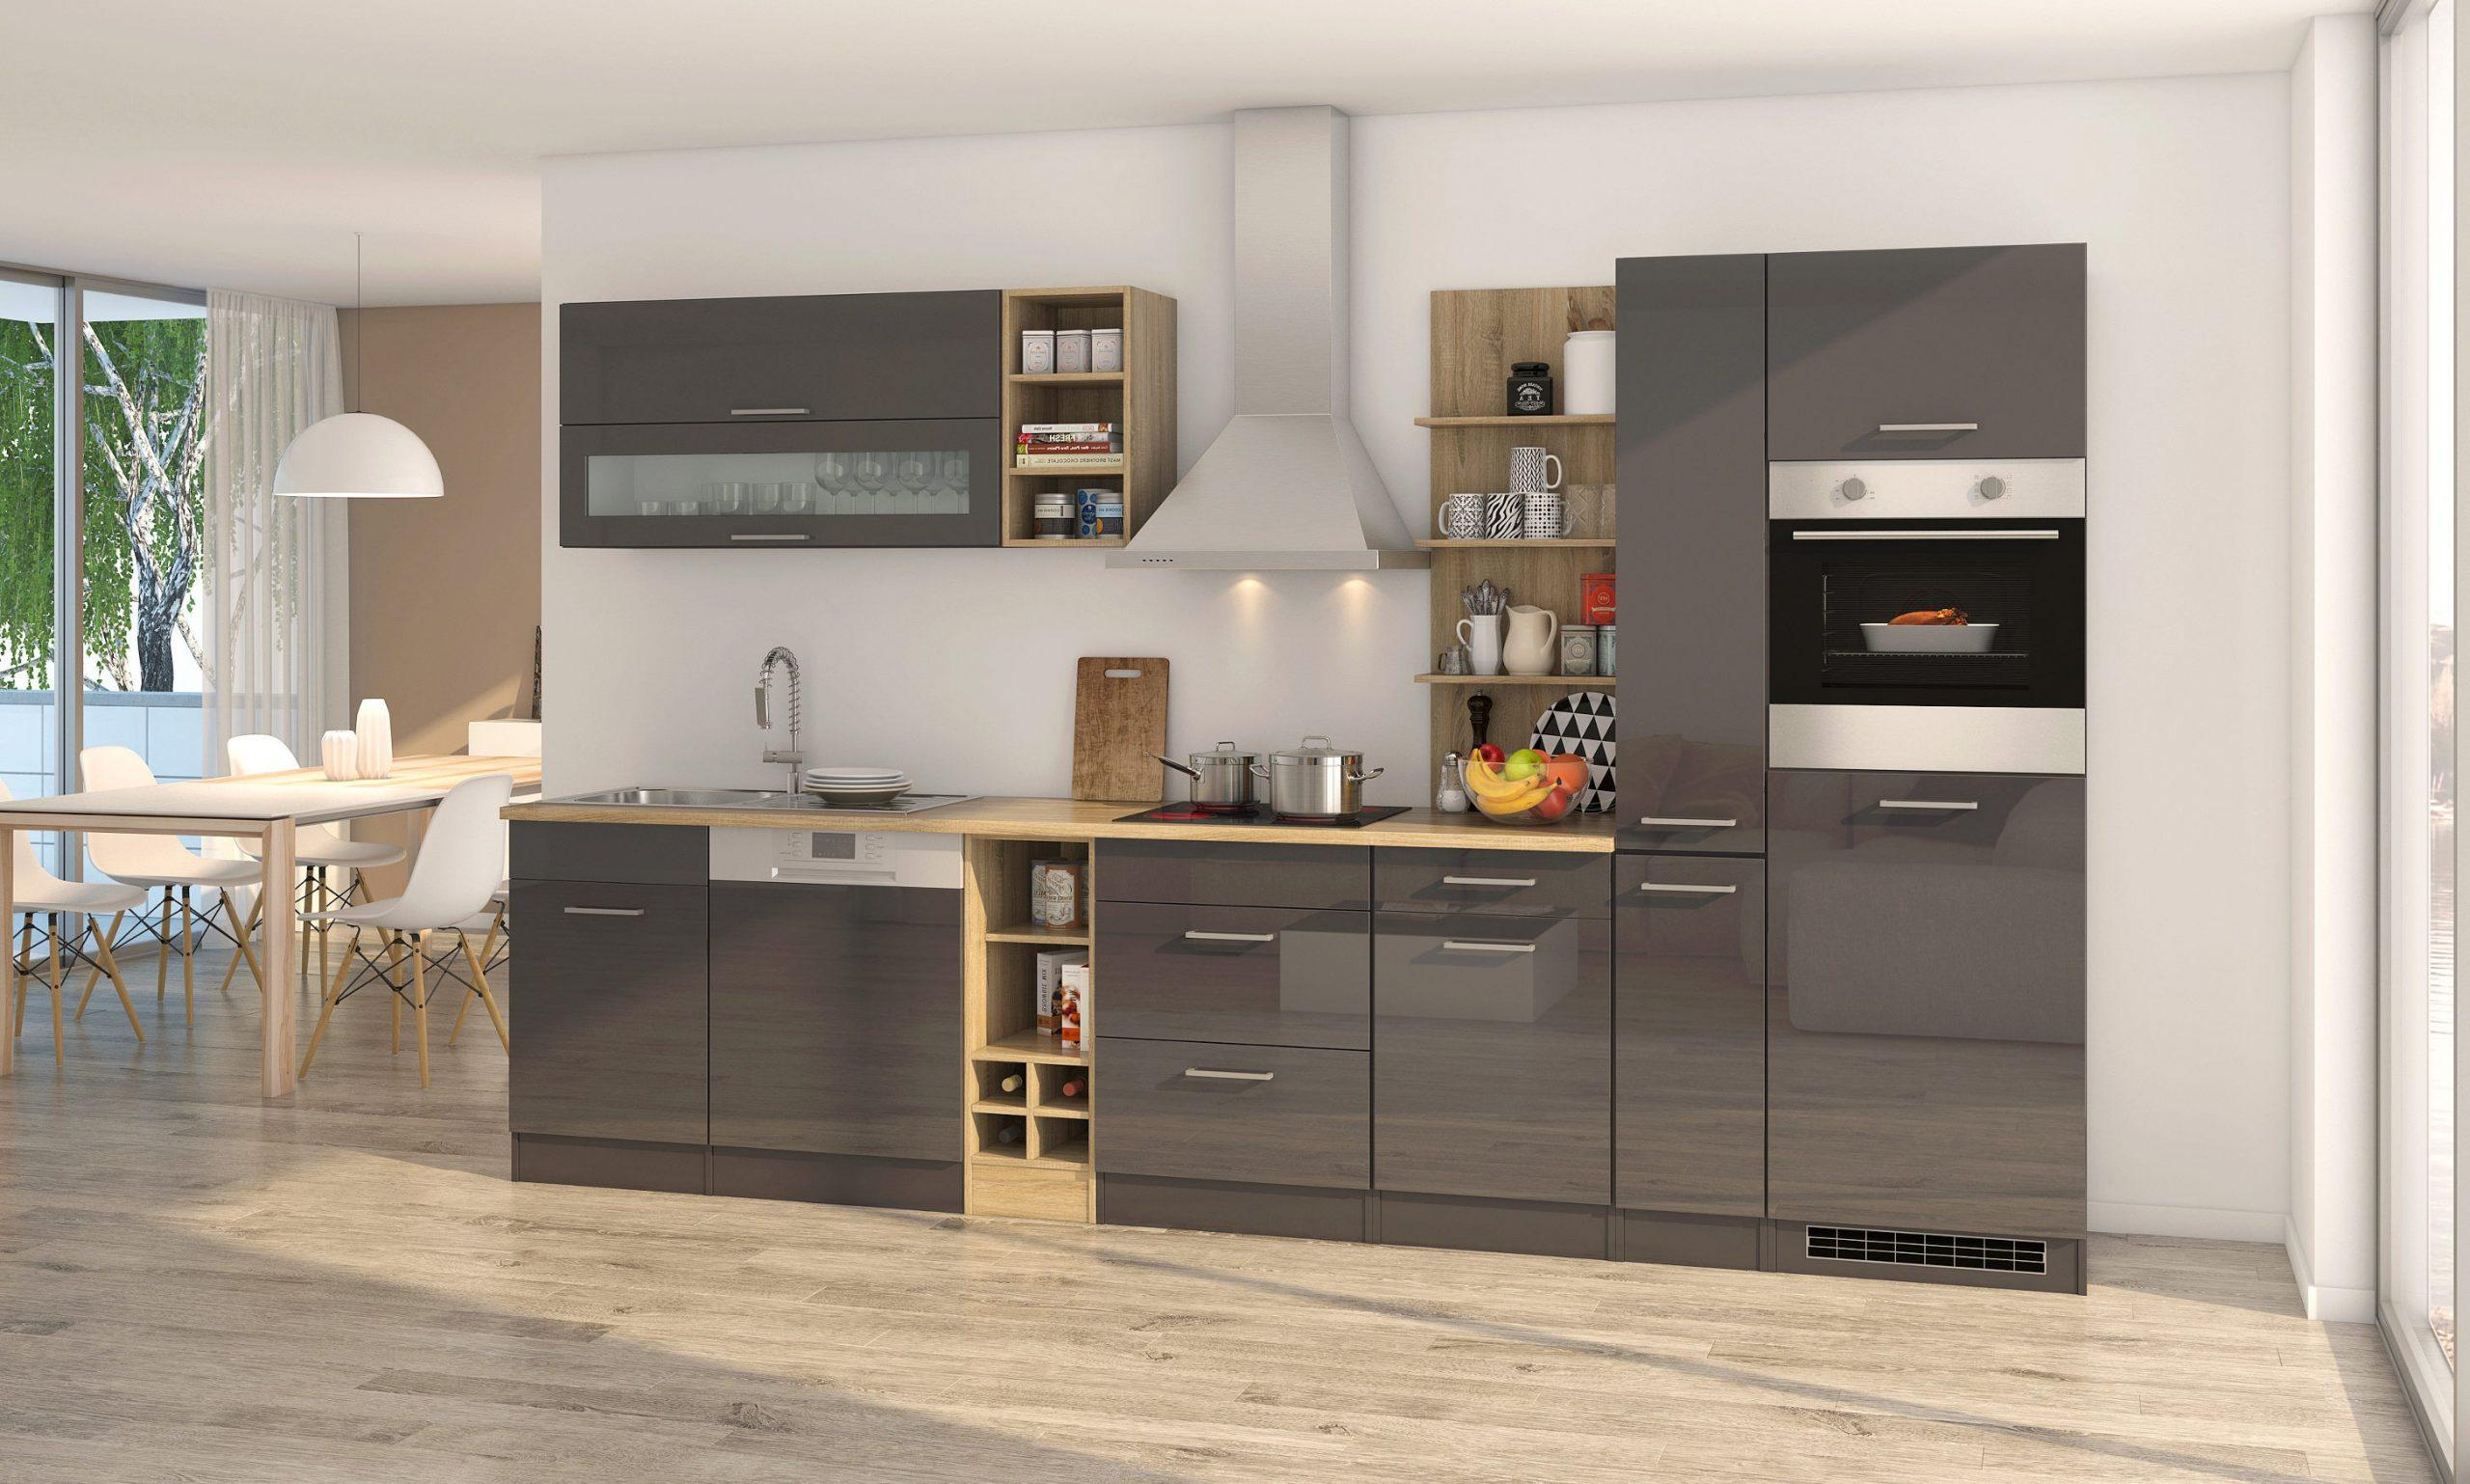 Full Size of Einbauküche Mit Elektrogeräten Billig Einbauküche 240 Cm Mit Elektrogeräten Neuwertige Einbauküche Mit Elektrogeräten Einbauküche Mit Elektrogeräten Gebraucht Küche Einbauküche Mit Elektrogeräten